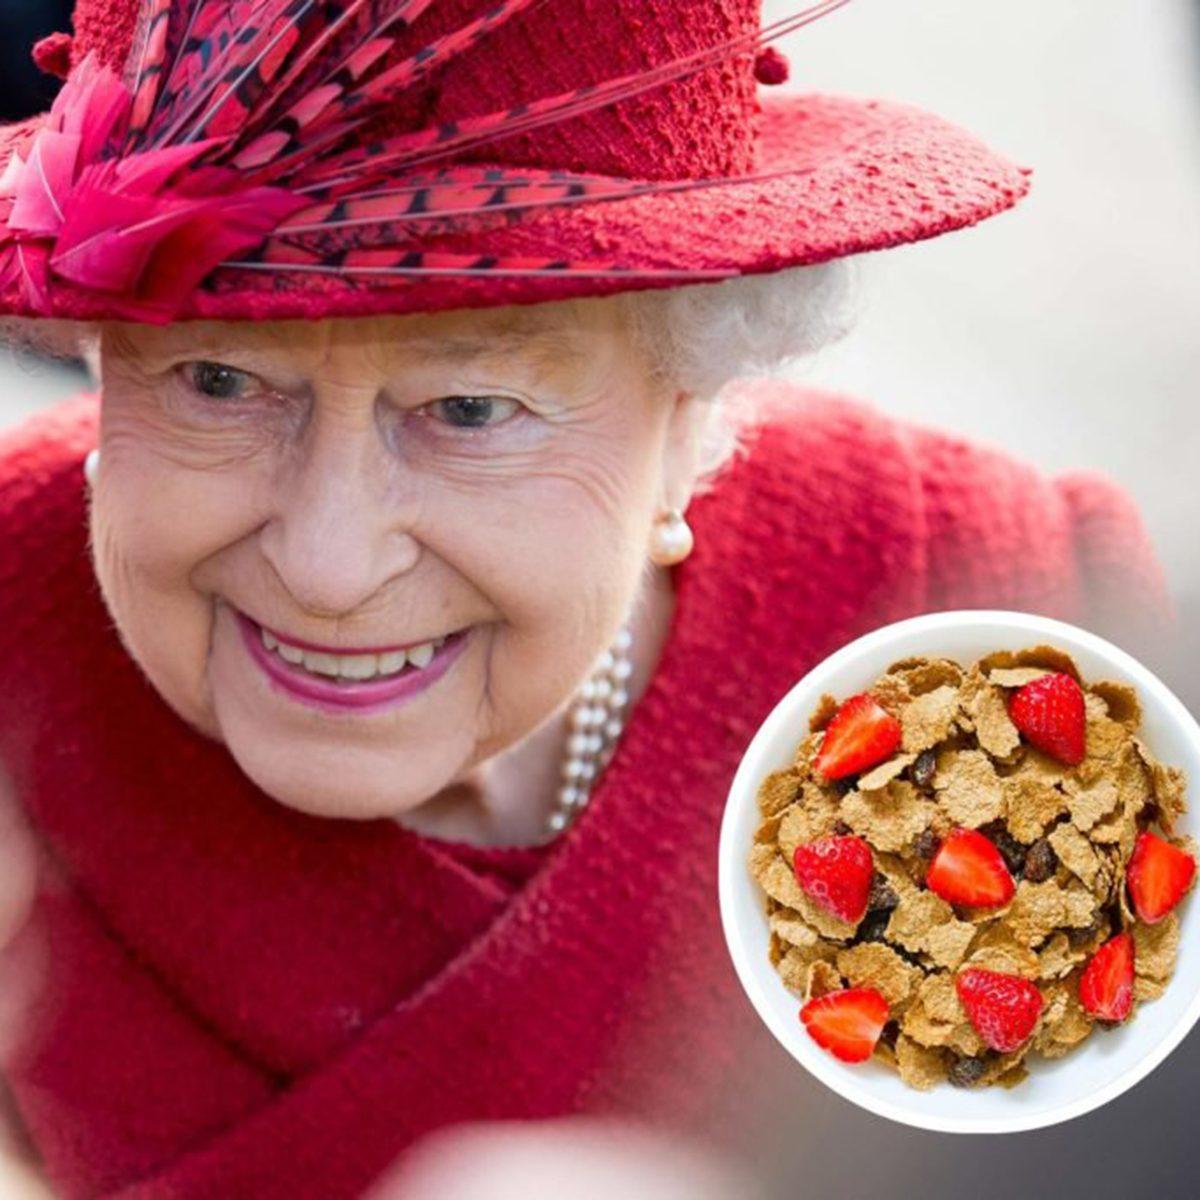 Queen Elizabeth II cereal